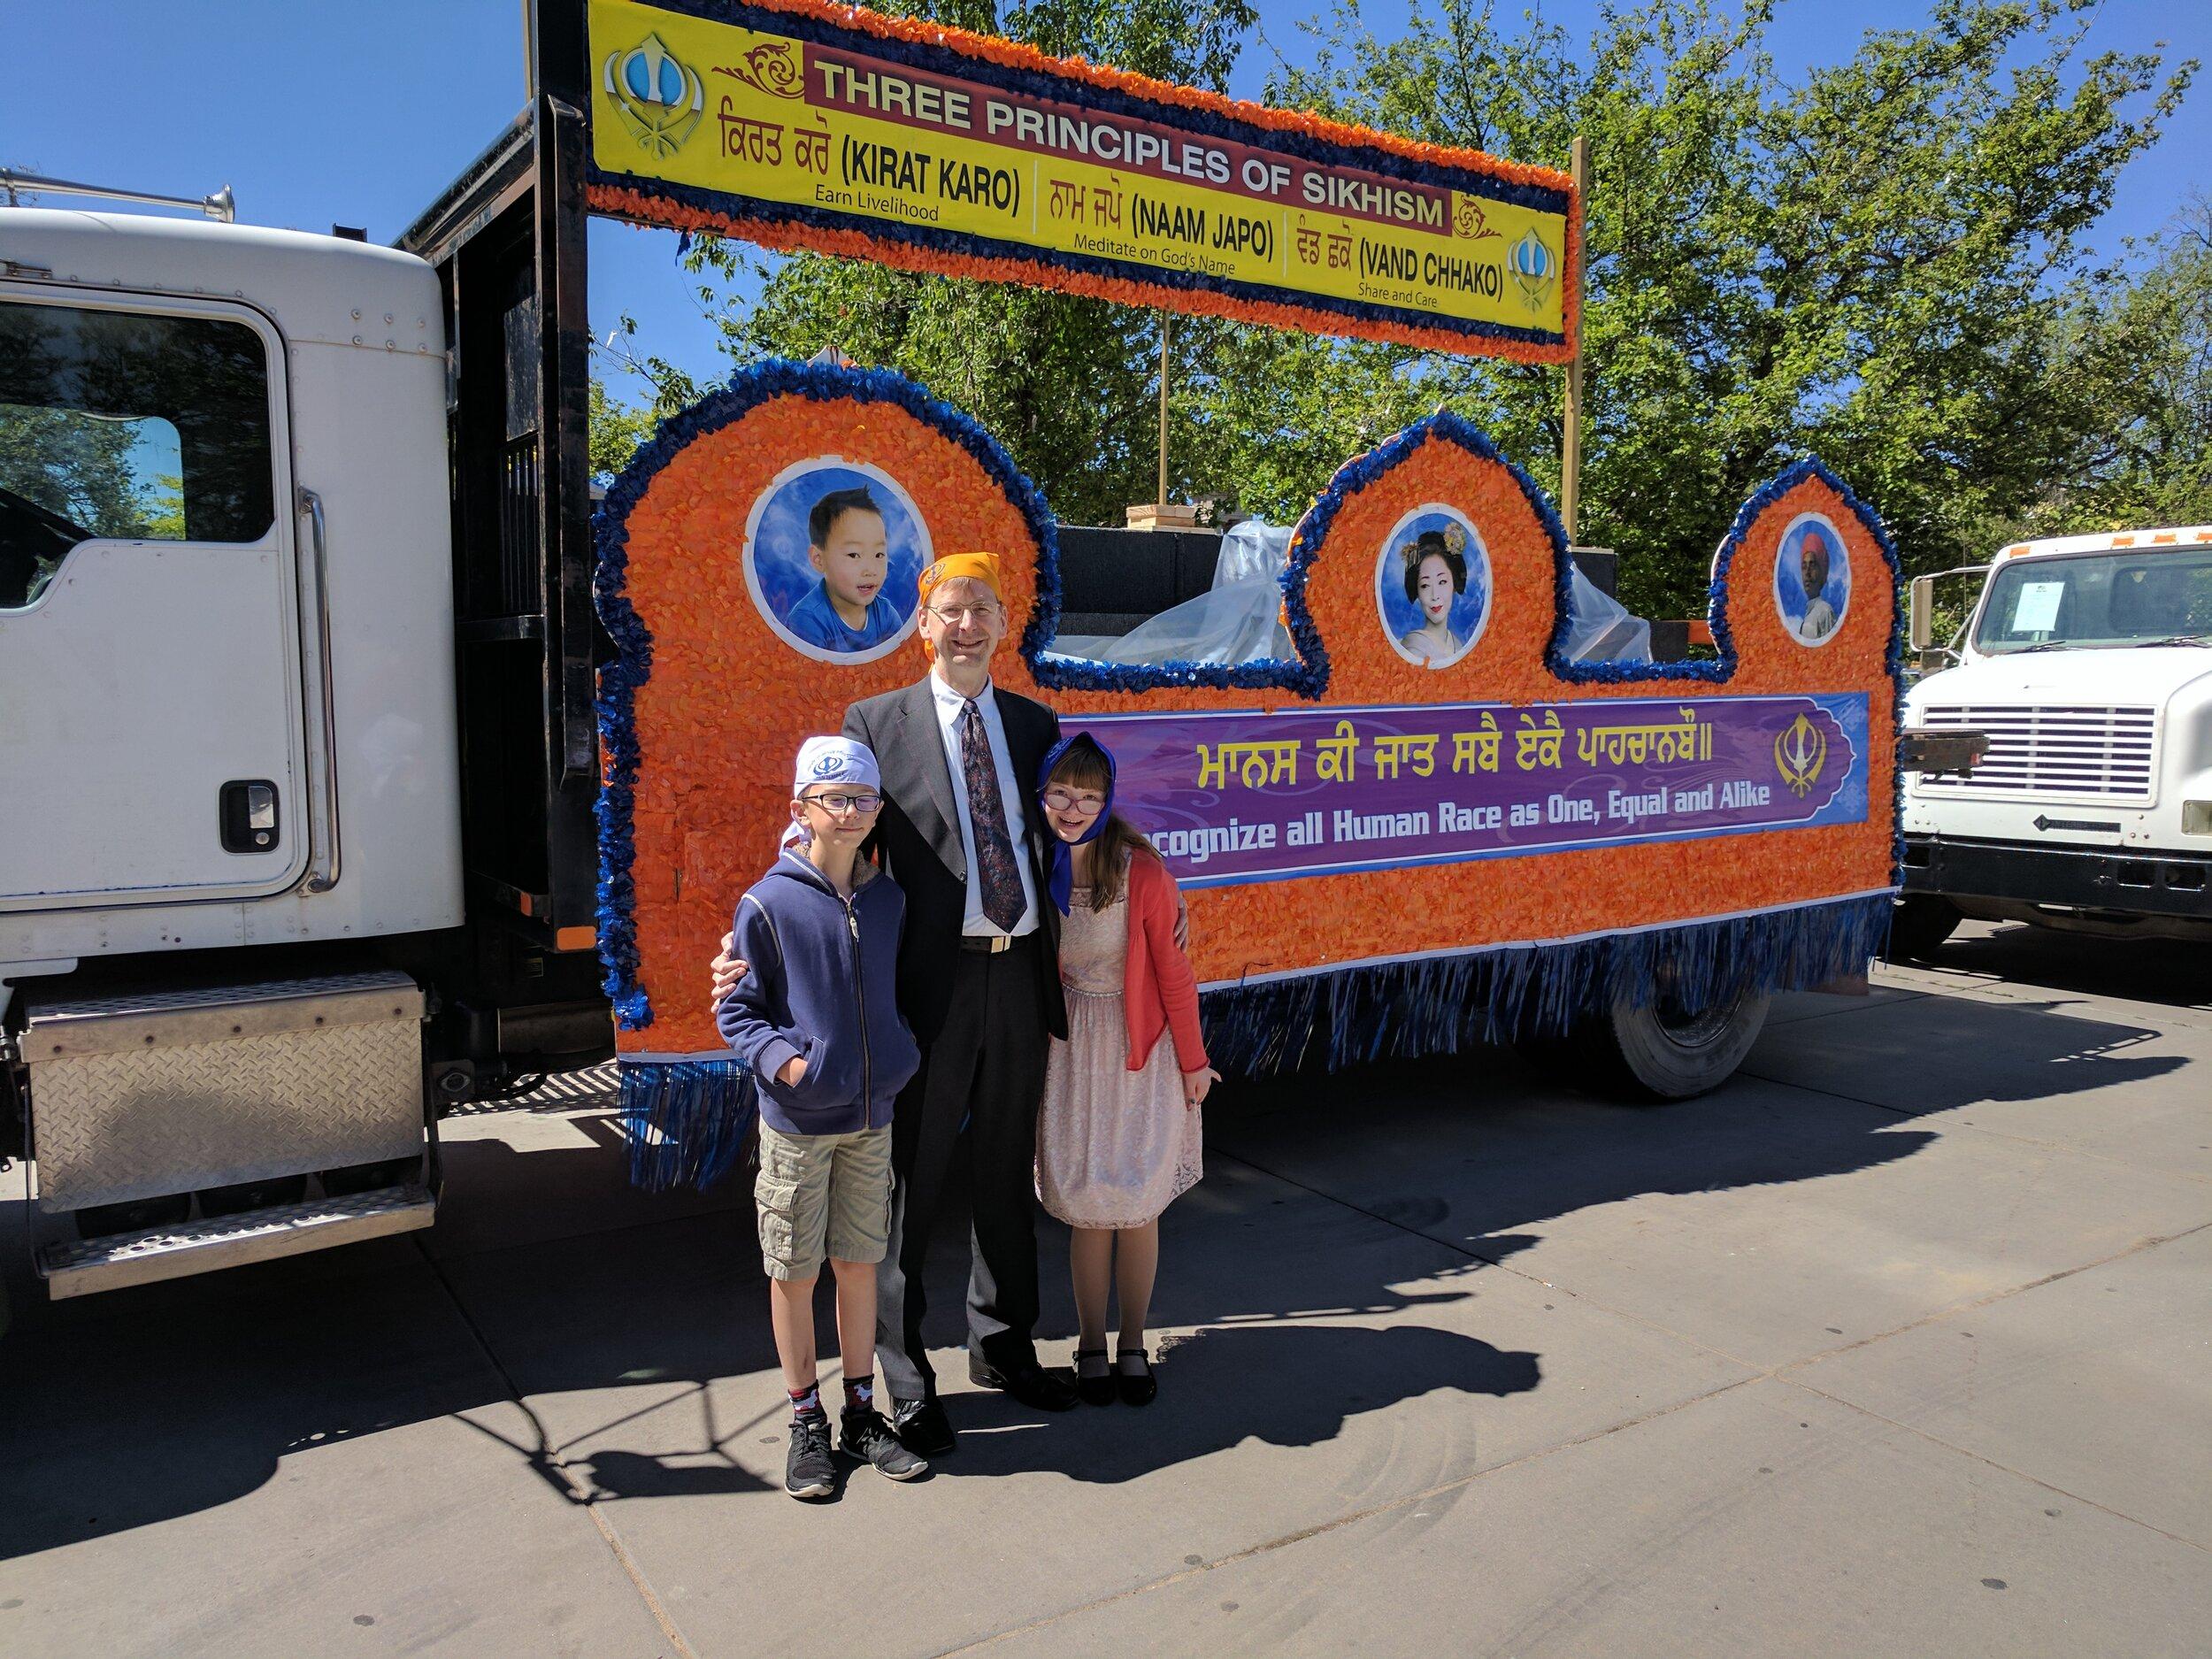 Sikh festival 2.jpg